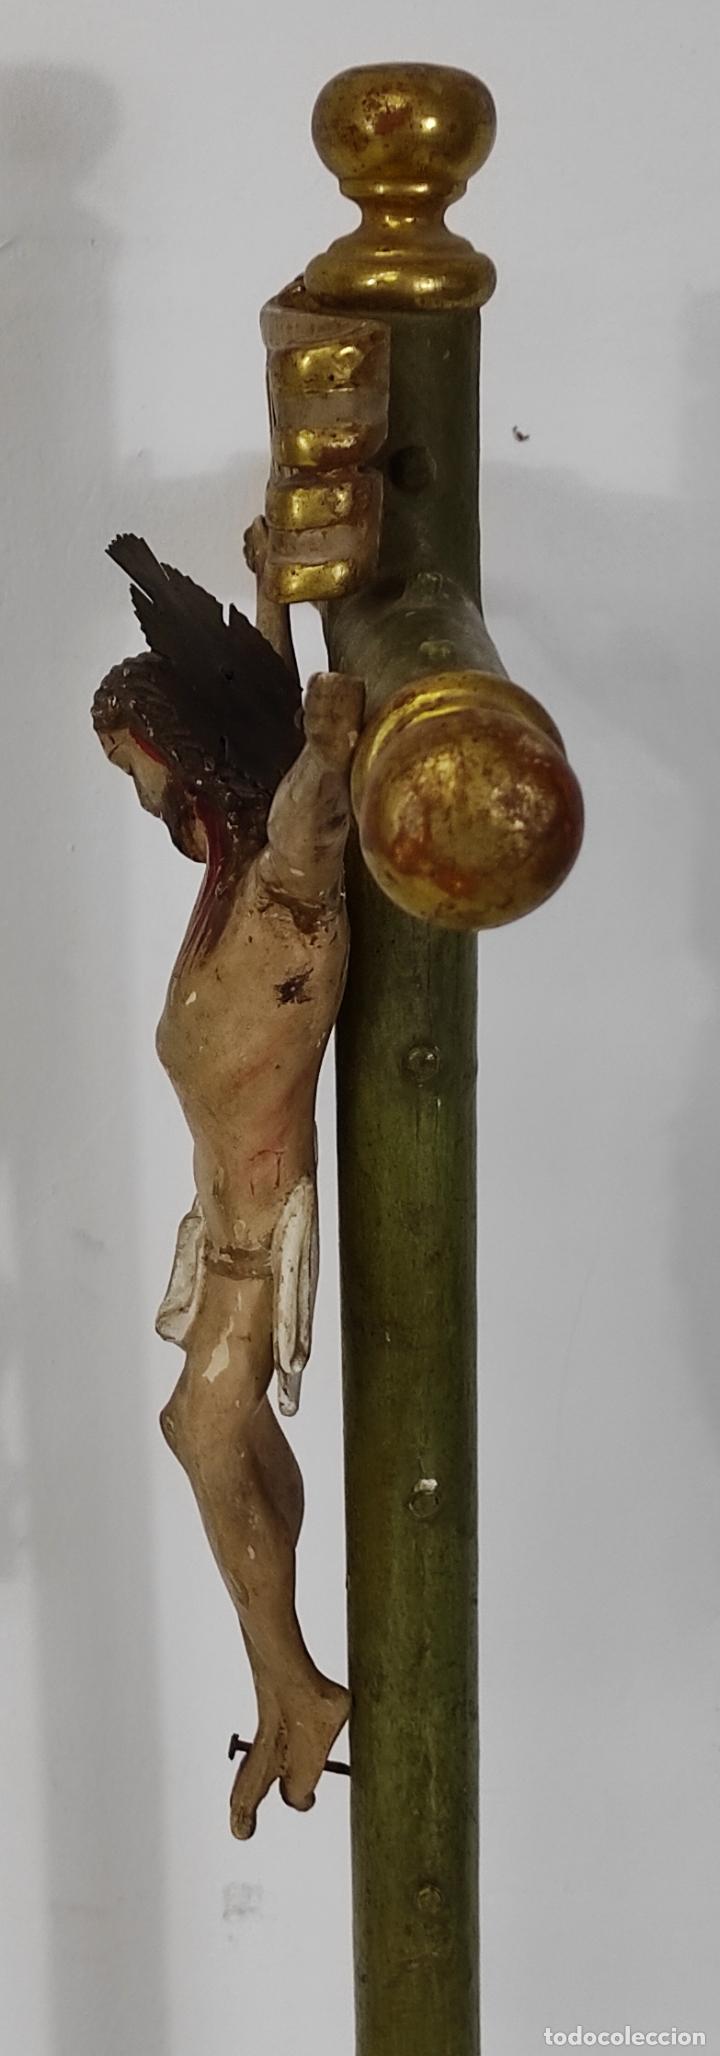 Antigüedades: Antiguo Crucifijo a la Cruz - Jesucristo Barroco - Talla de Madera Policromada y Dorada - S. XVIII - Foto 11 - 245155145